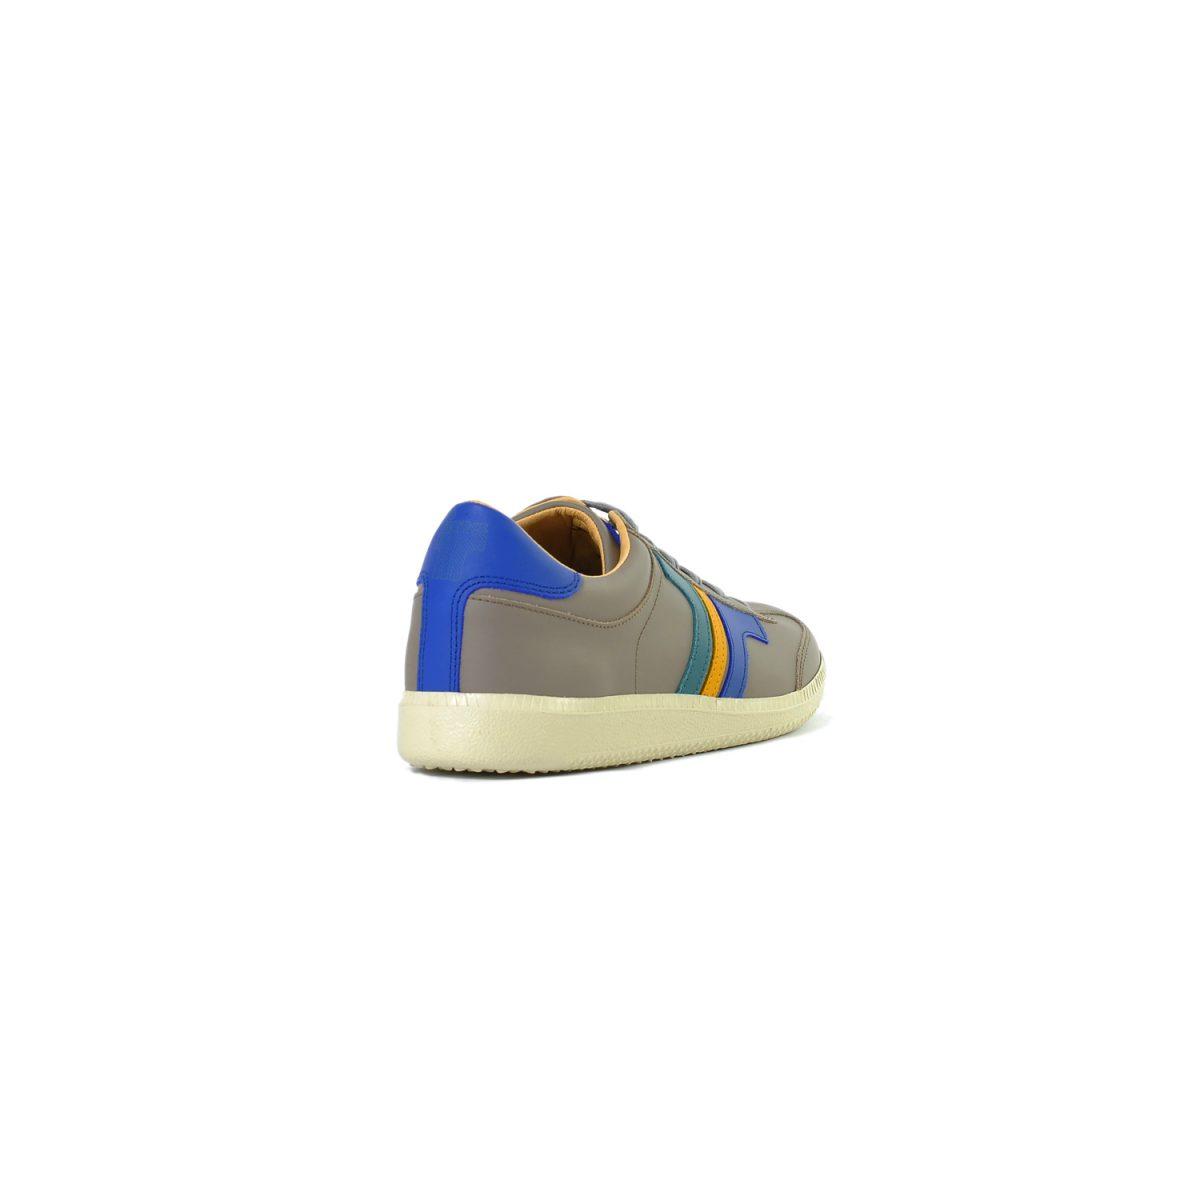 Tisza cipő - Compakt - Föld-óceán